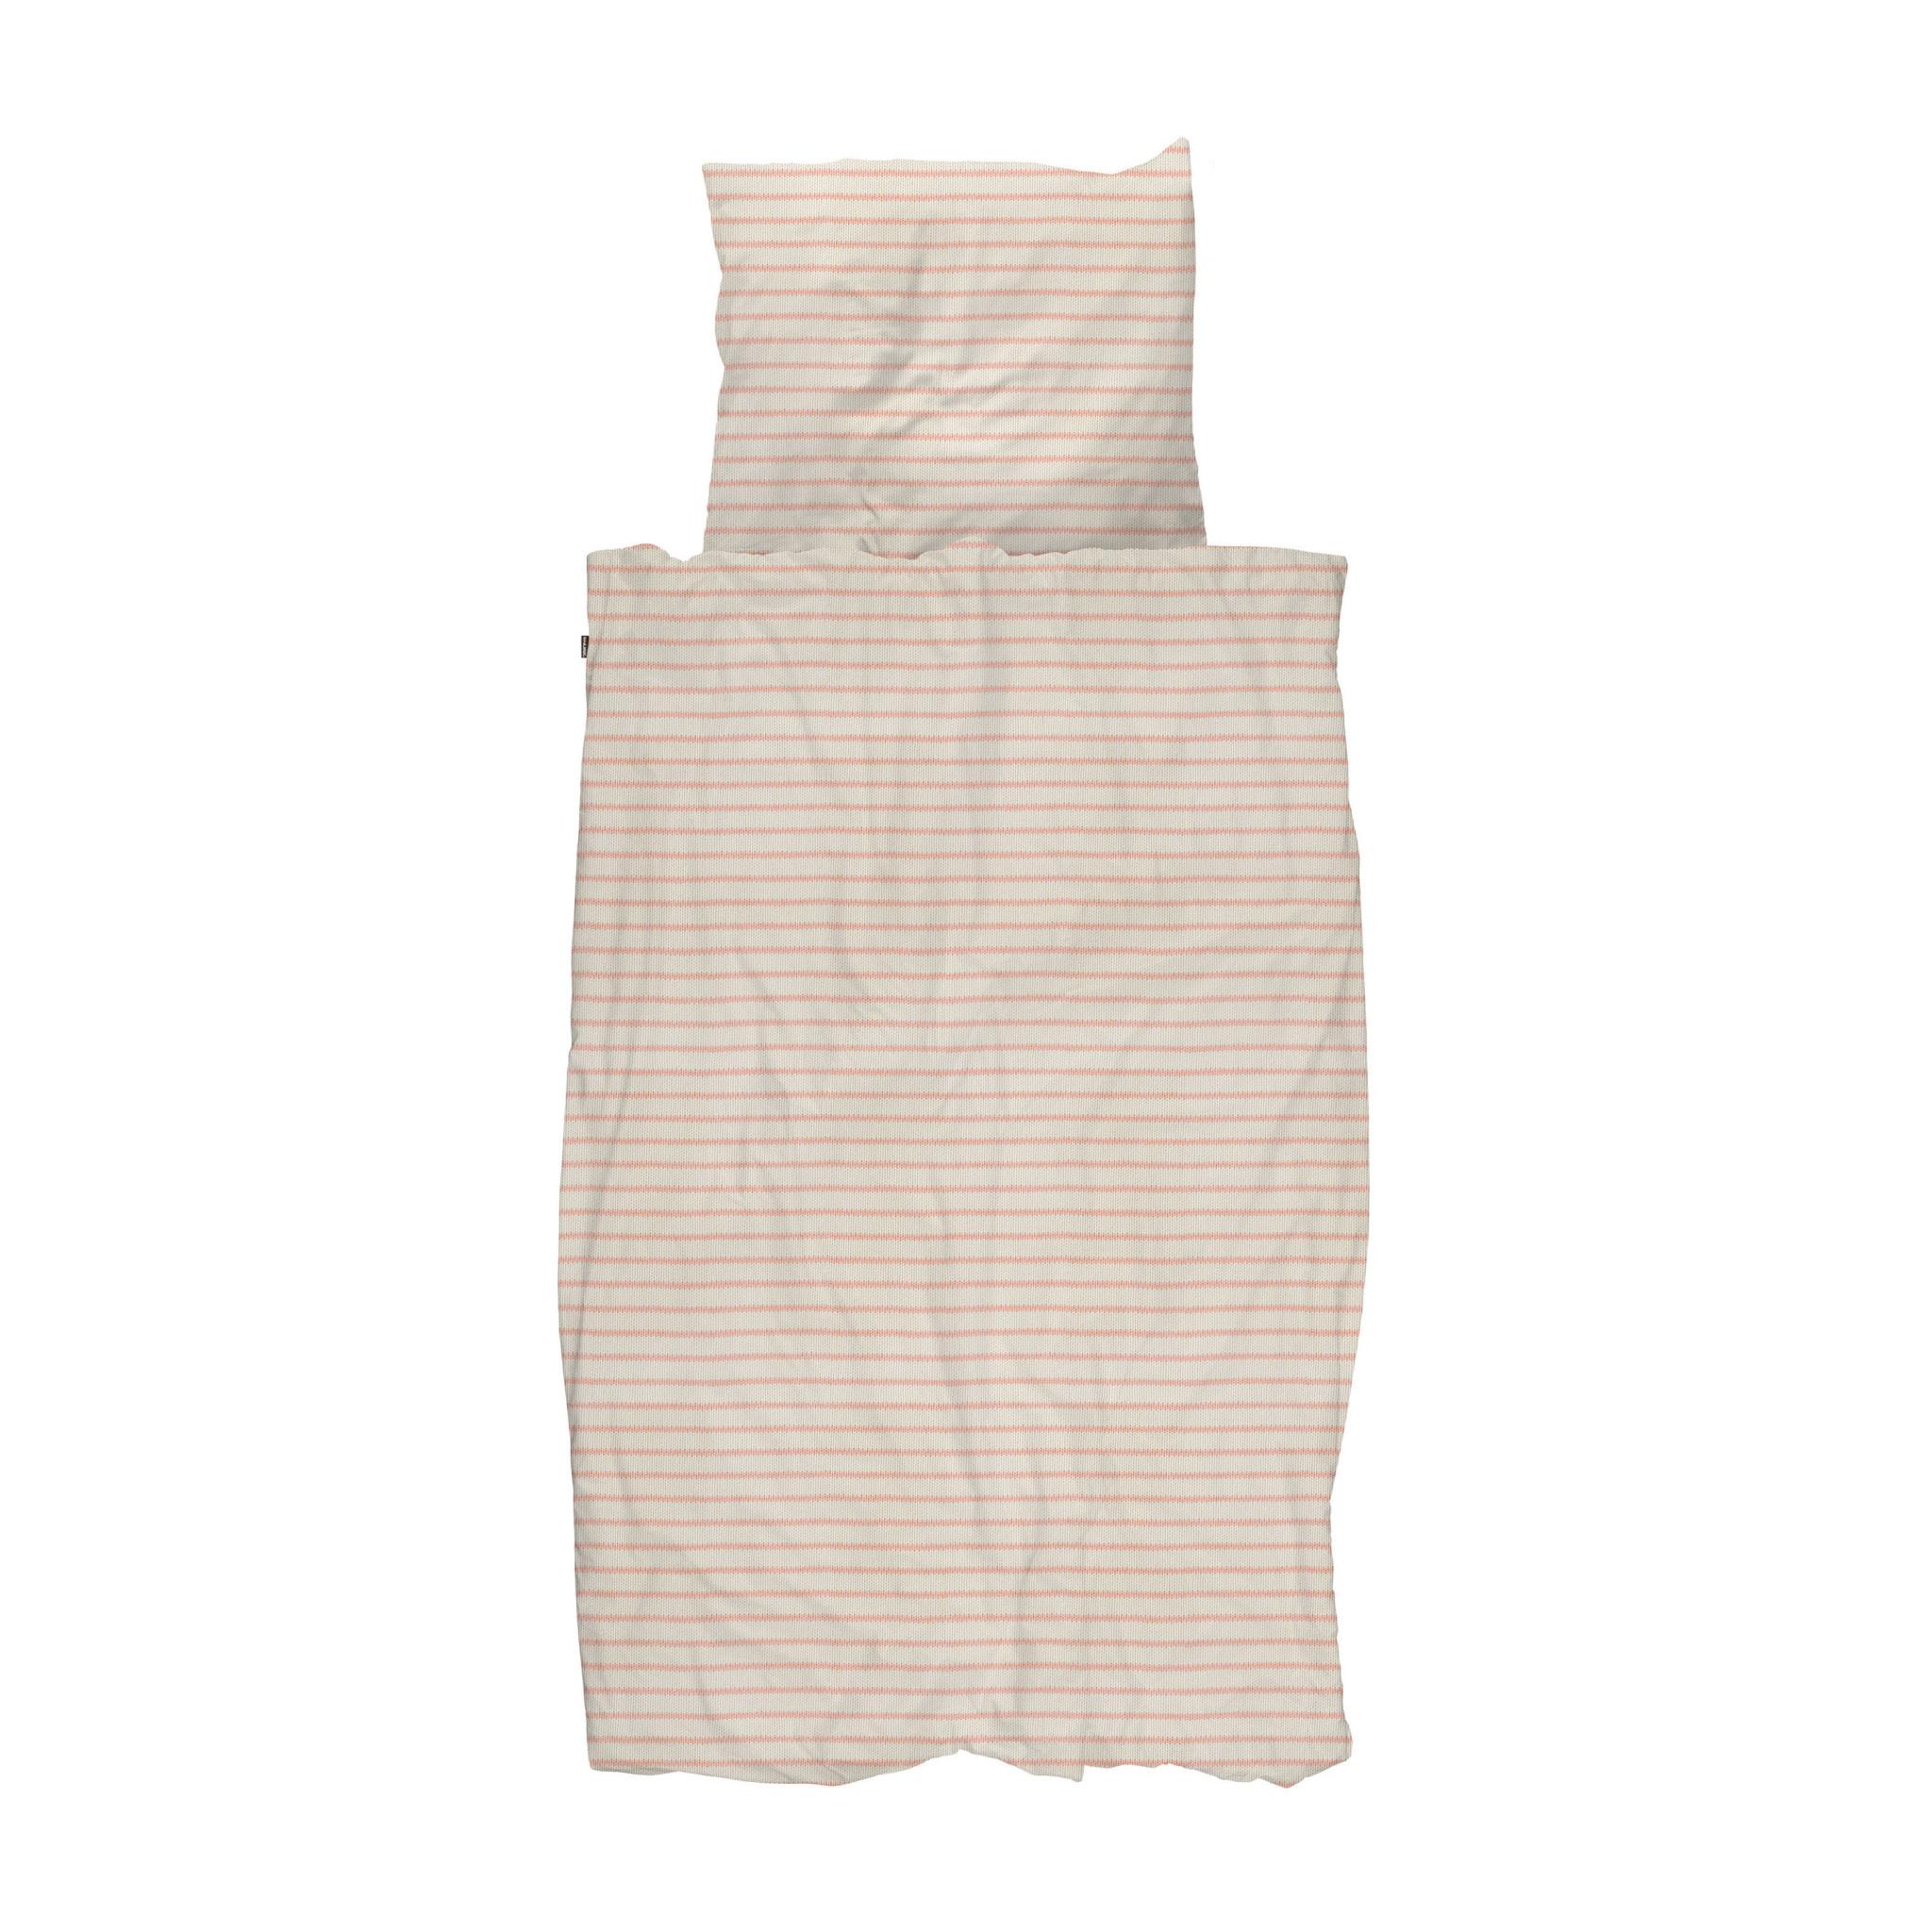 SNURK beddengoed Breton Bonsoir Pink dekbedovertrek 1p